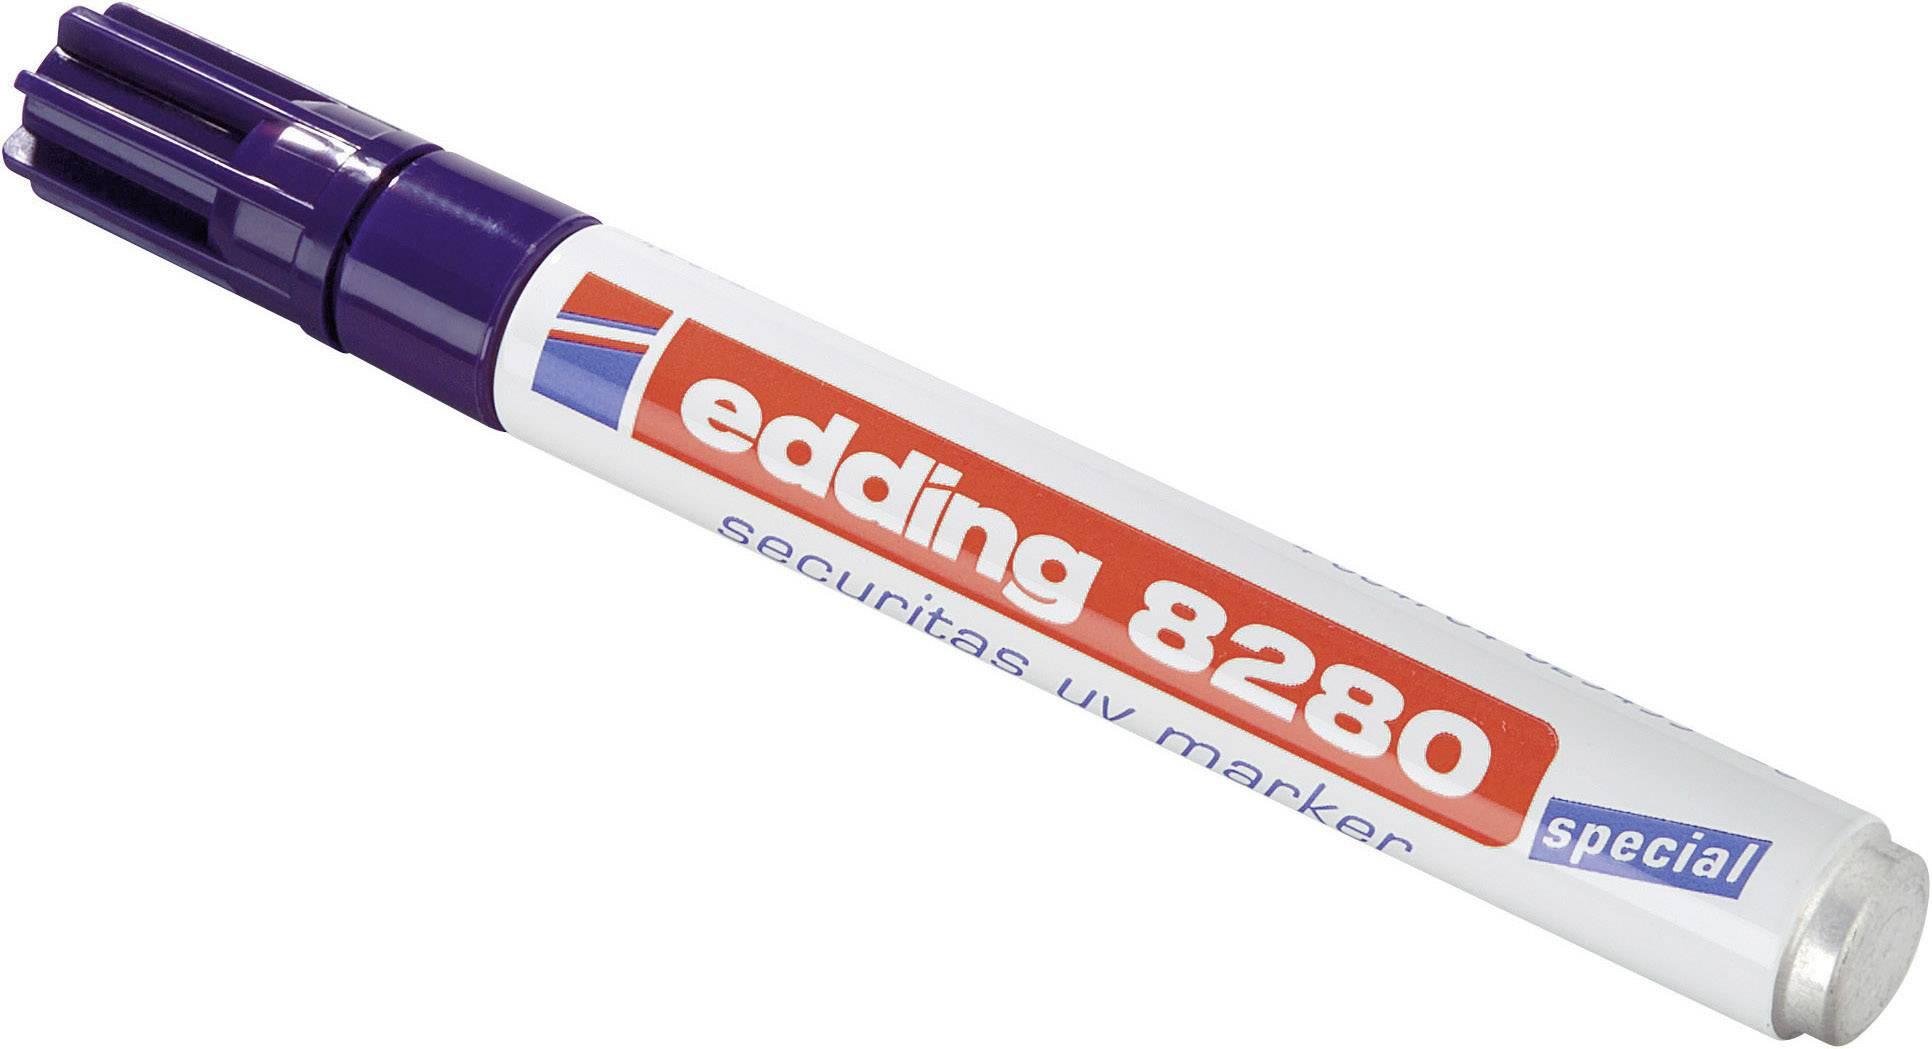 Ultrafialový popisovač edding 8280, 1.5 - 3 mm